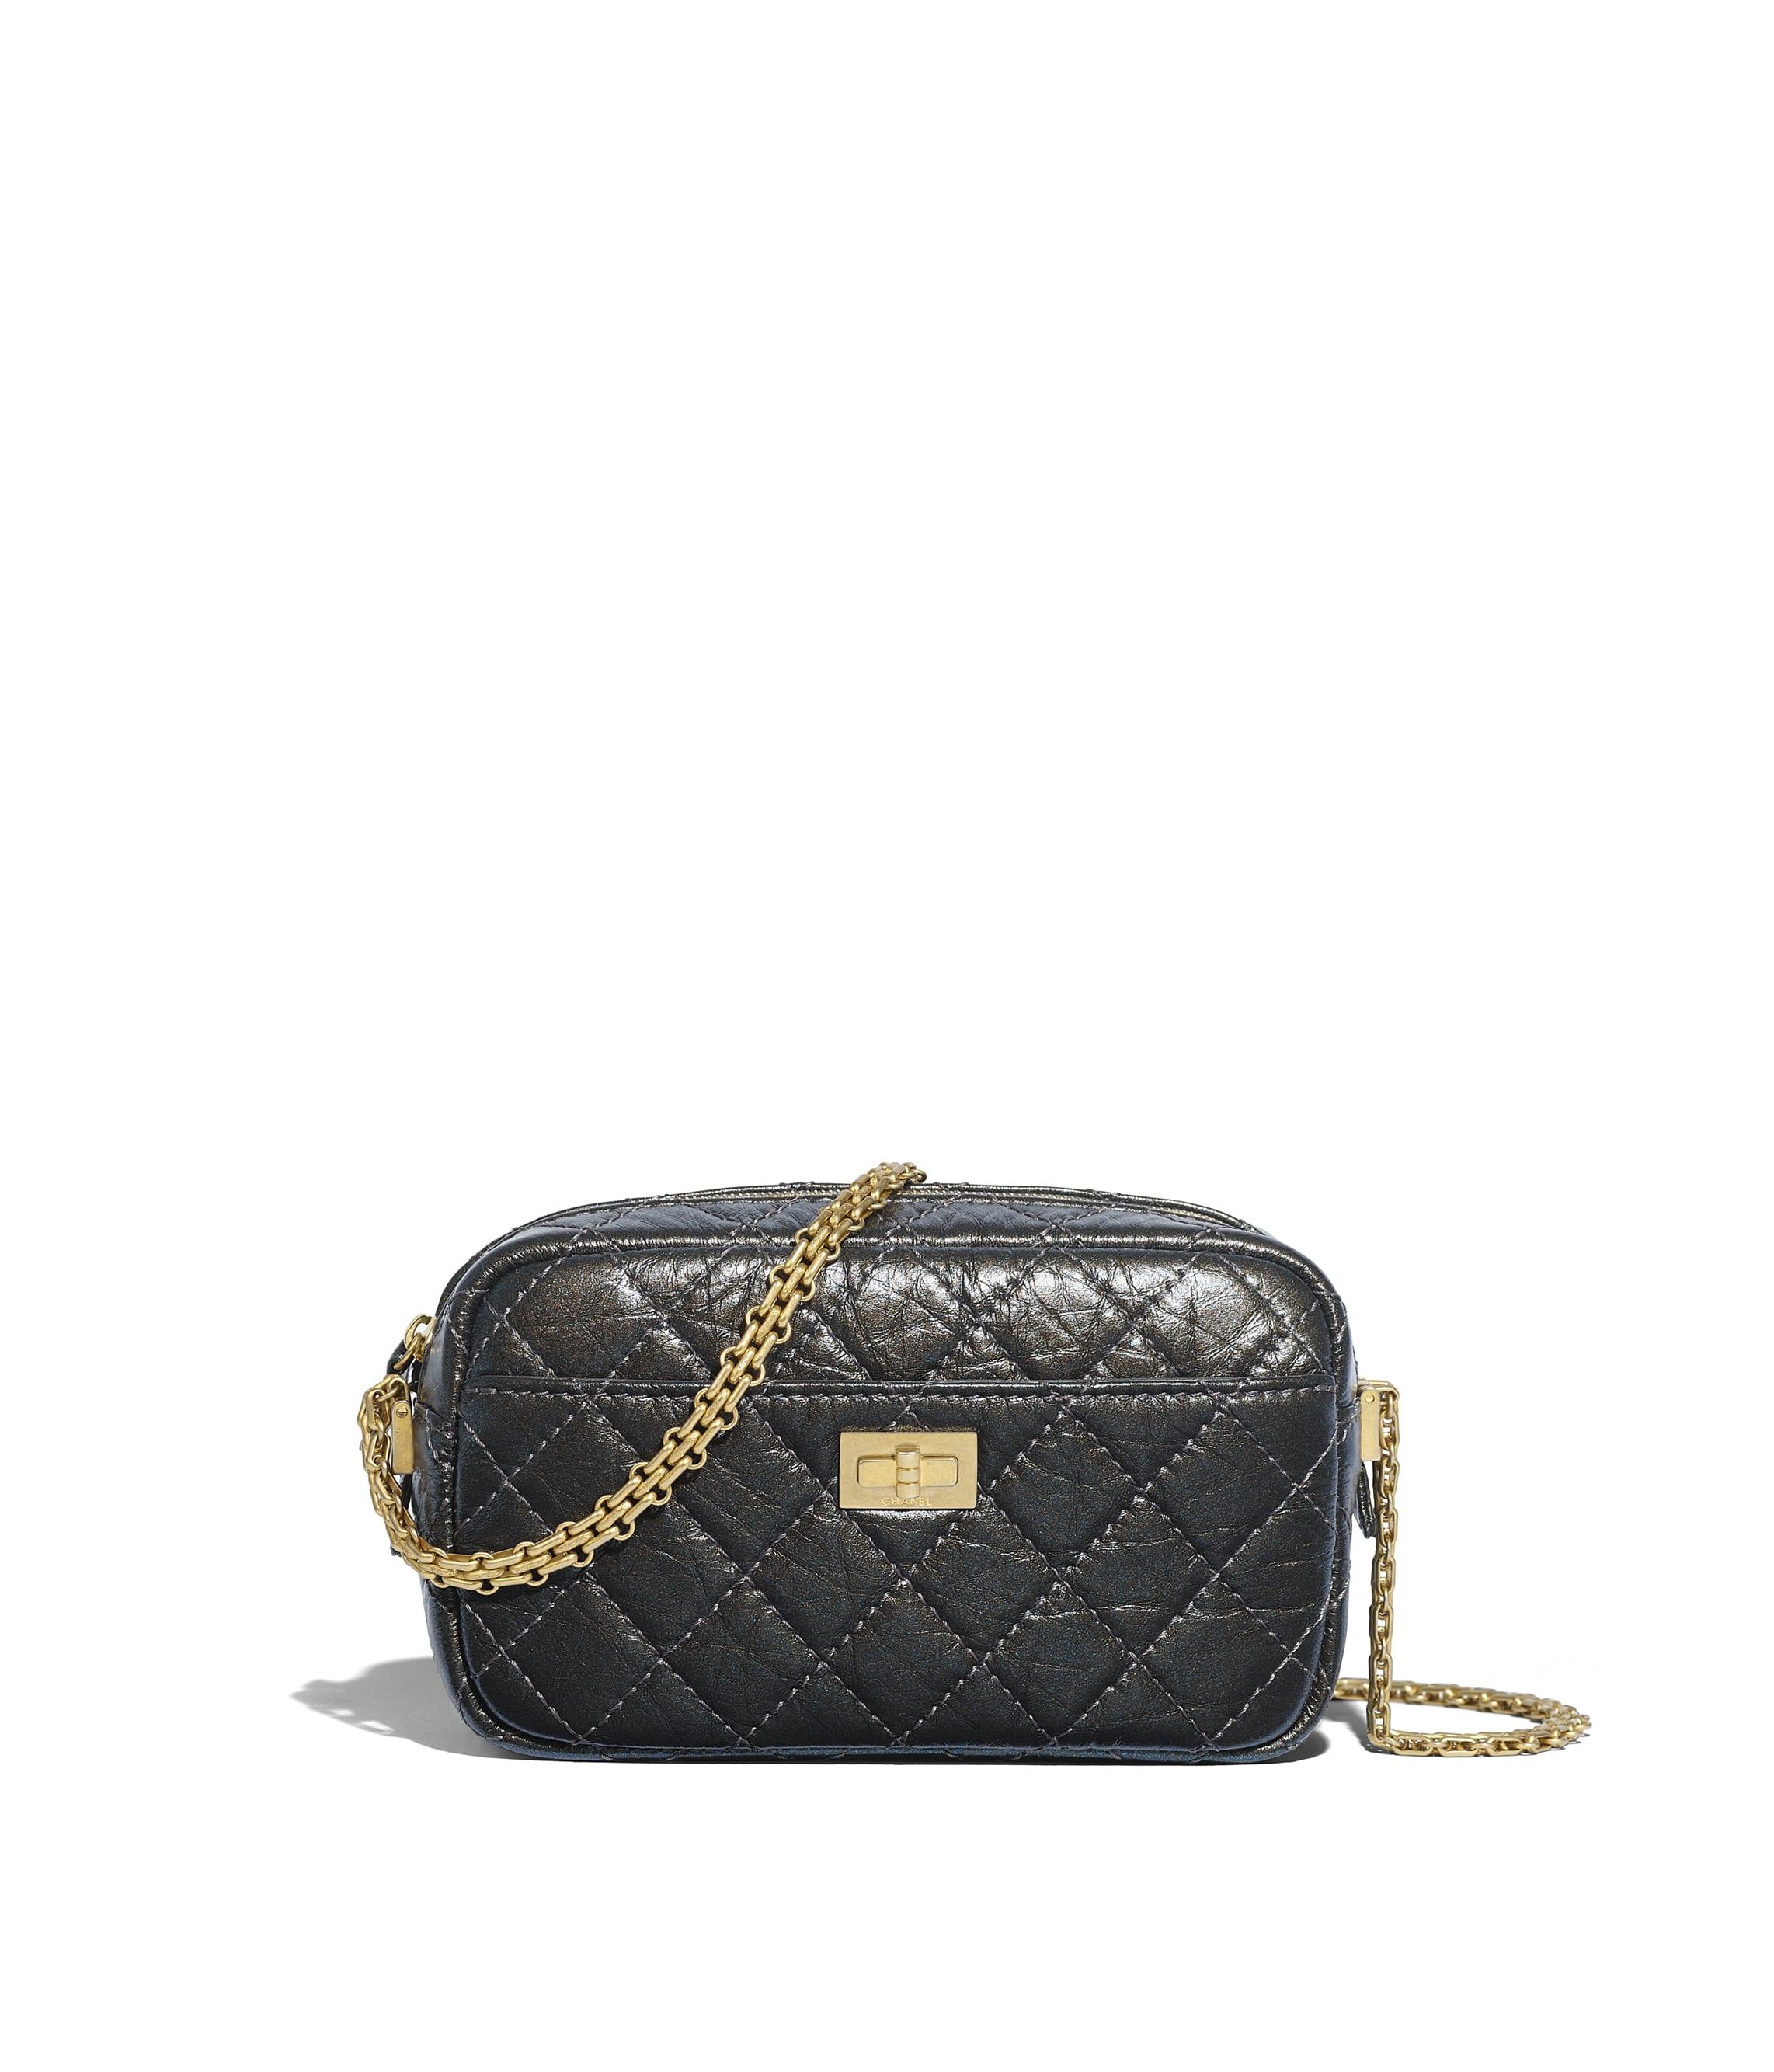 73a6778d54bc Camera Cases - Handbags - CHANEL